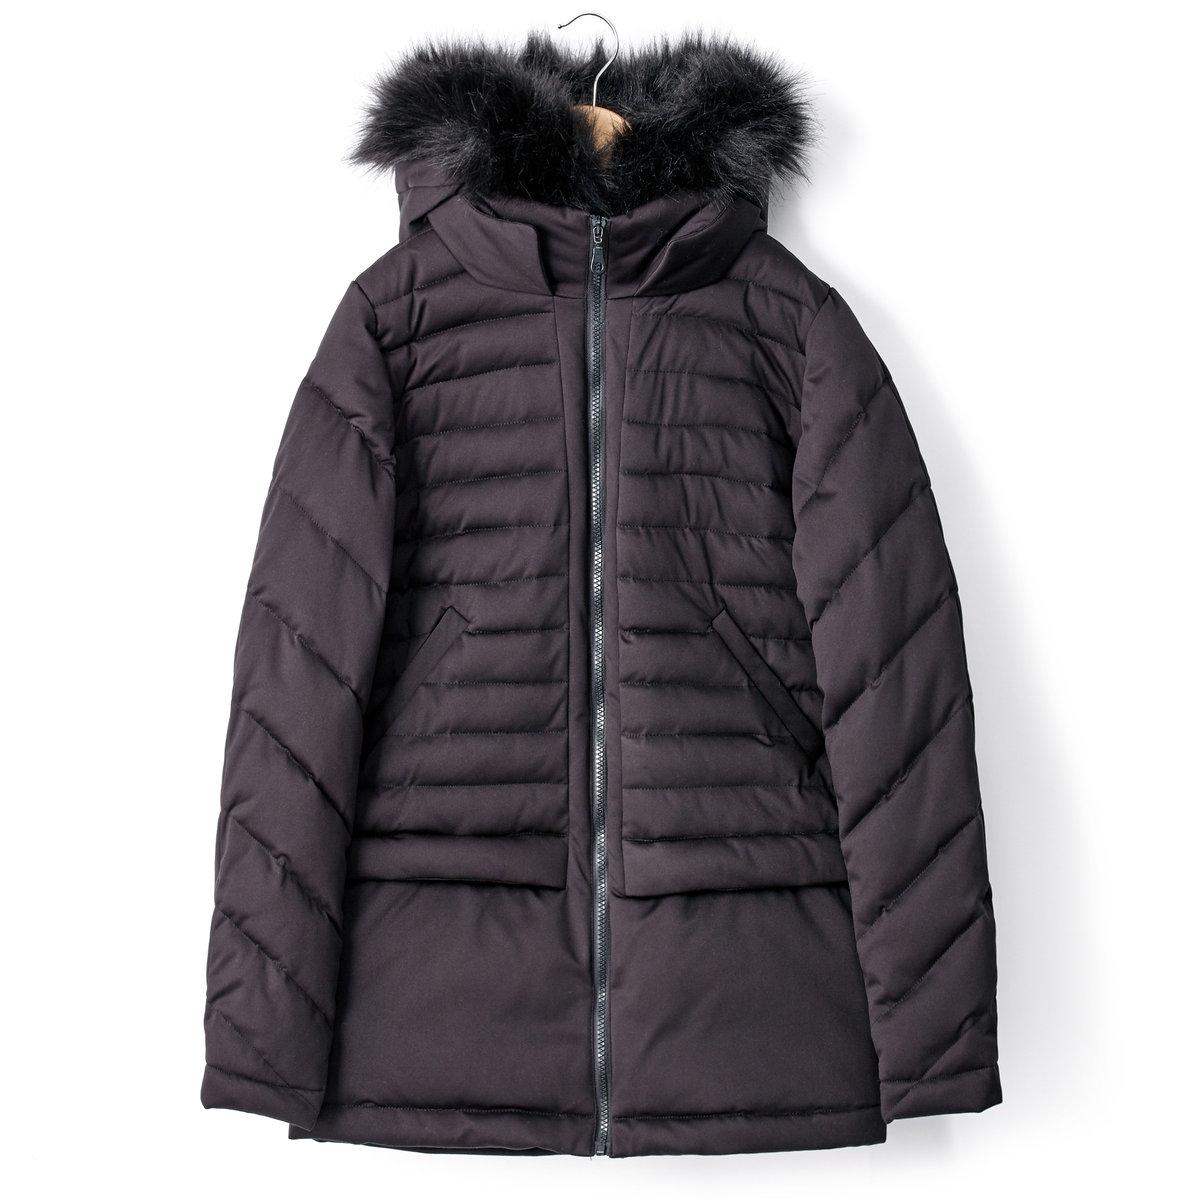 Куртка стеганая с капюшоном и застежкой на молниюСтеганая куртка с капюшоном и застежкой на молнию. 2 кармана по бокам. Отделка капюшона искусственным мехом. 100% полиэстера. Длина 70 см.<br><br>Цвет: черный<br>Размер: 38 (FR) - 44 (RUS).40 (FR) - 46 (RUS).42 (FR) - 48 (RUS)